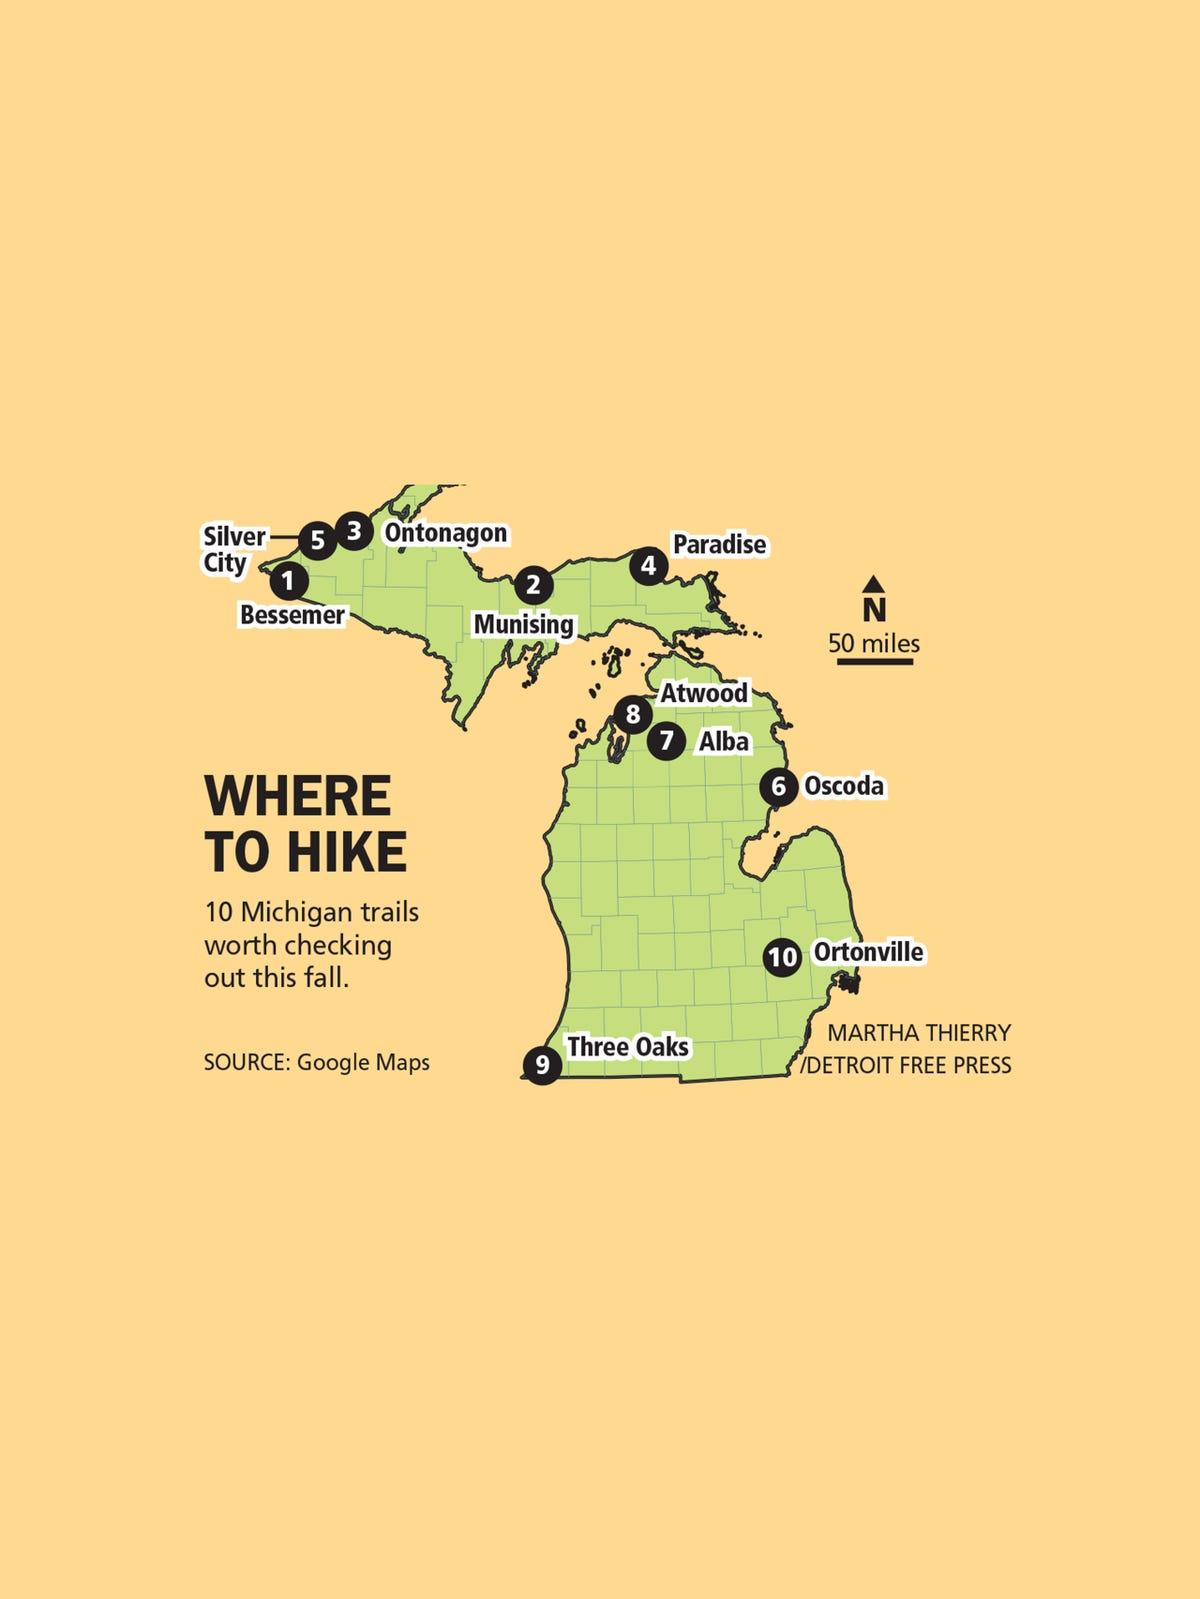 10 great fall foliage hikes in Michigan